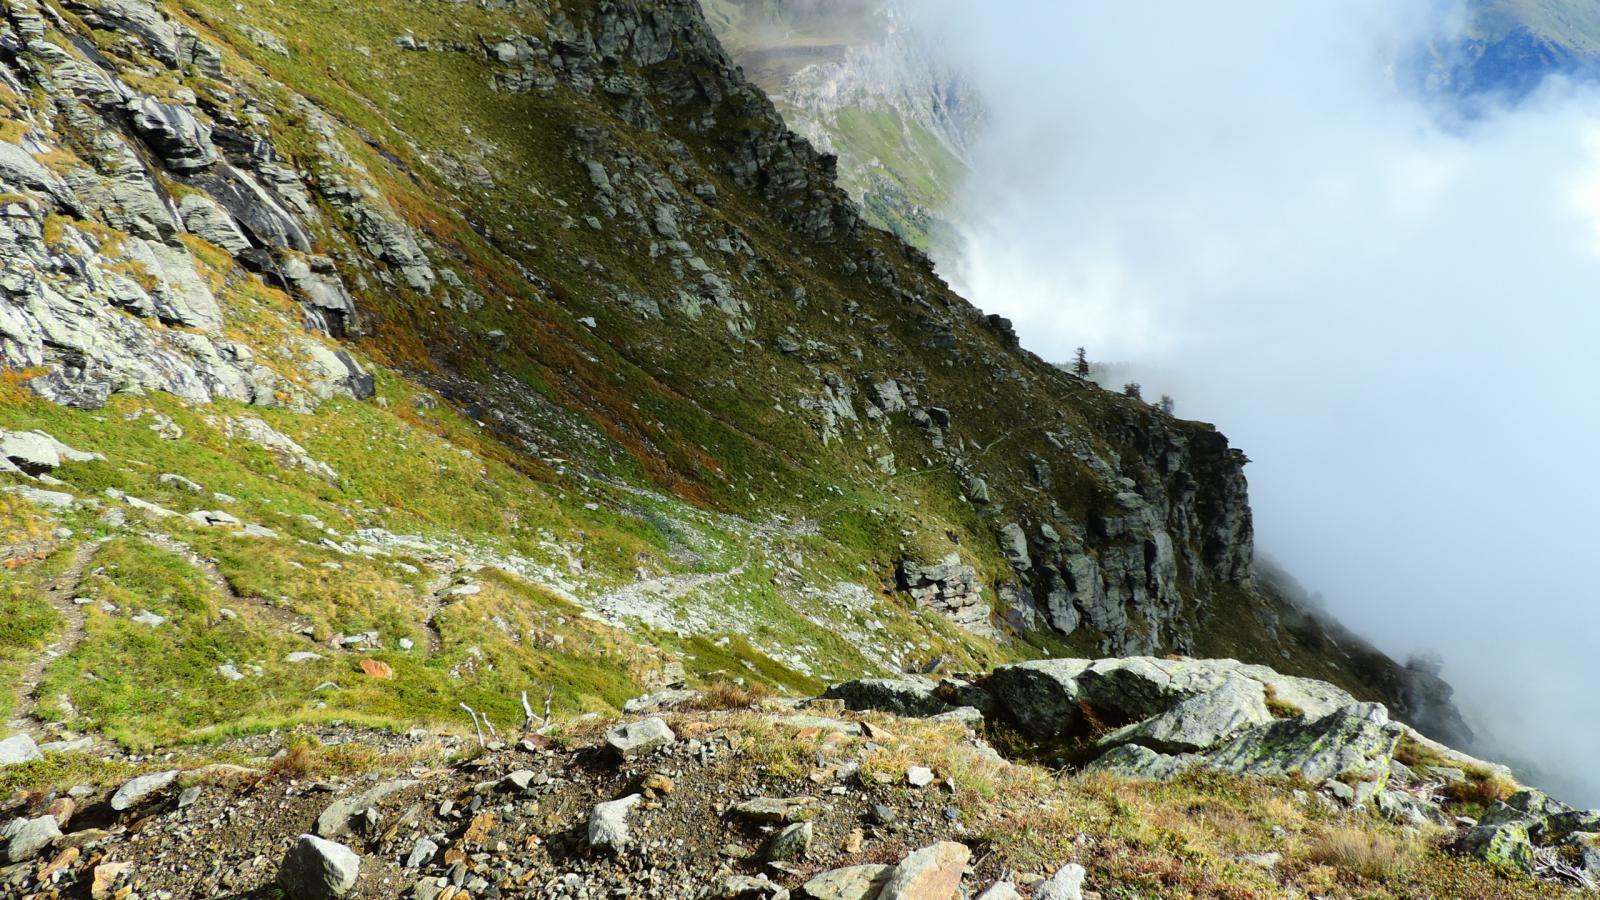 il traverso in diagonale su pendii erbosi che porta verso quota 2500 m